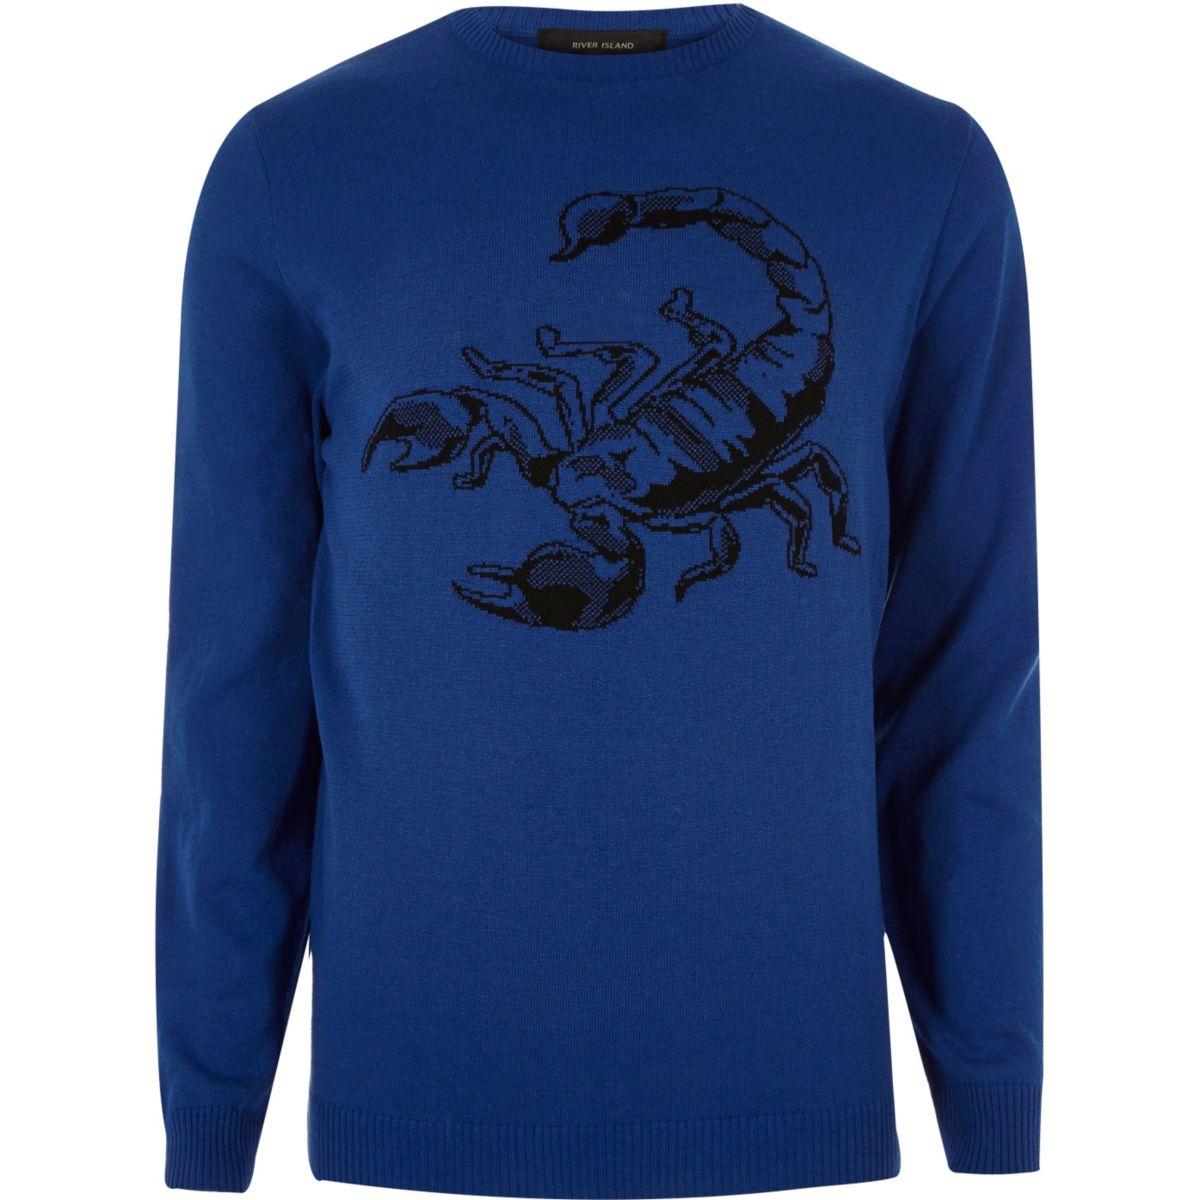 Blauwe pullover met schorpioenenprint